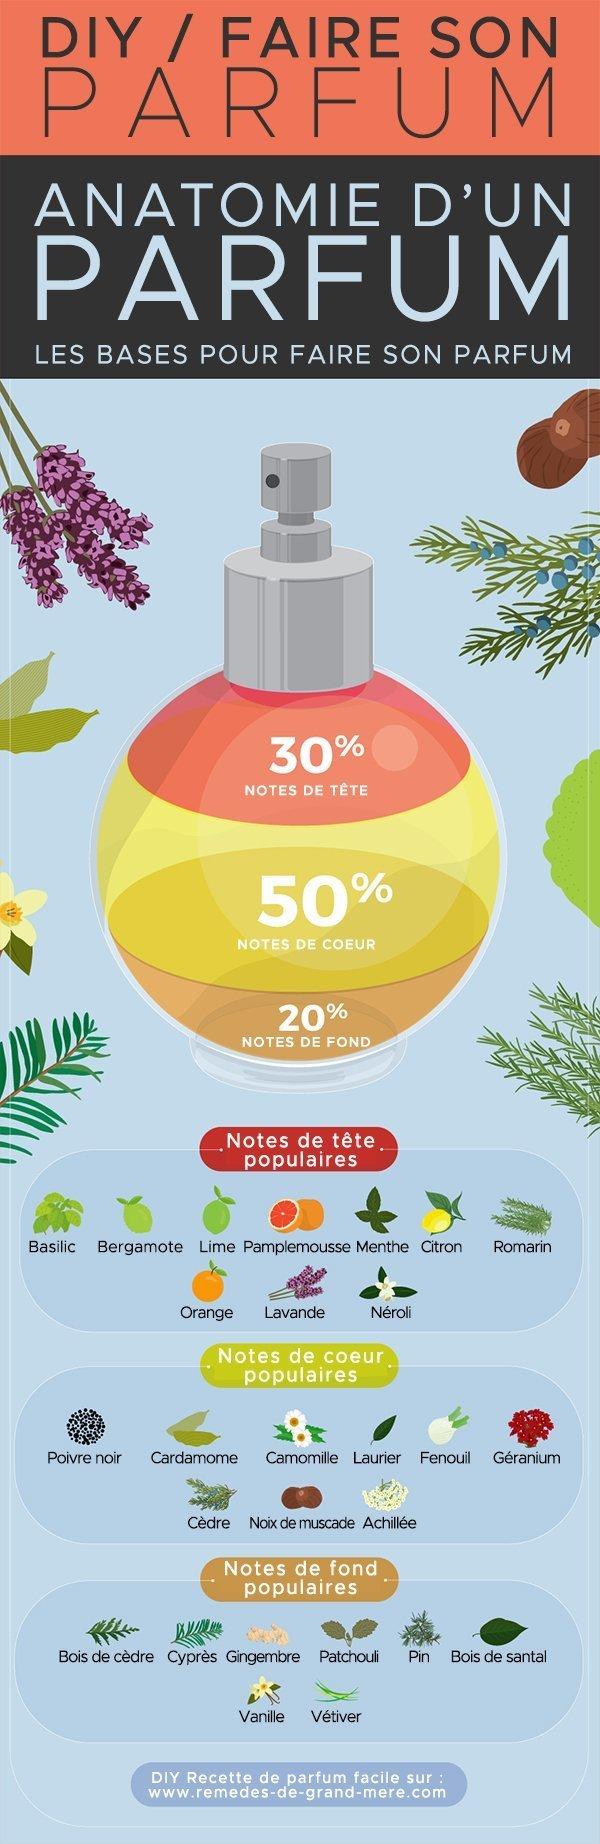 Inspirations olfactives - Comment créer votre propre image de parfum